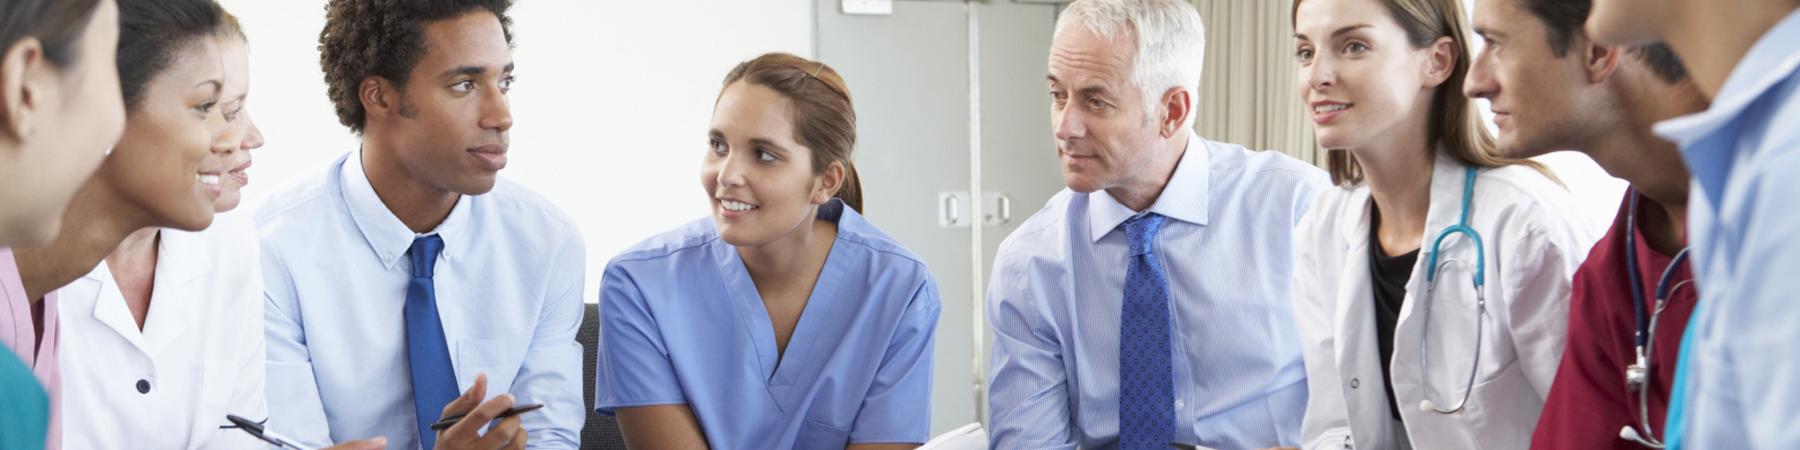 Hospitals Medical Professionals Slider